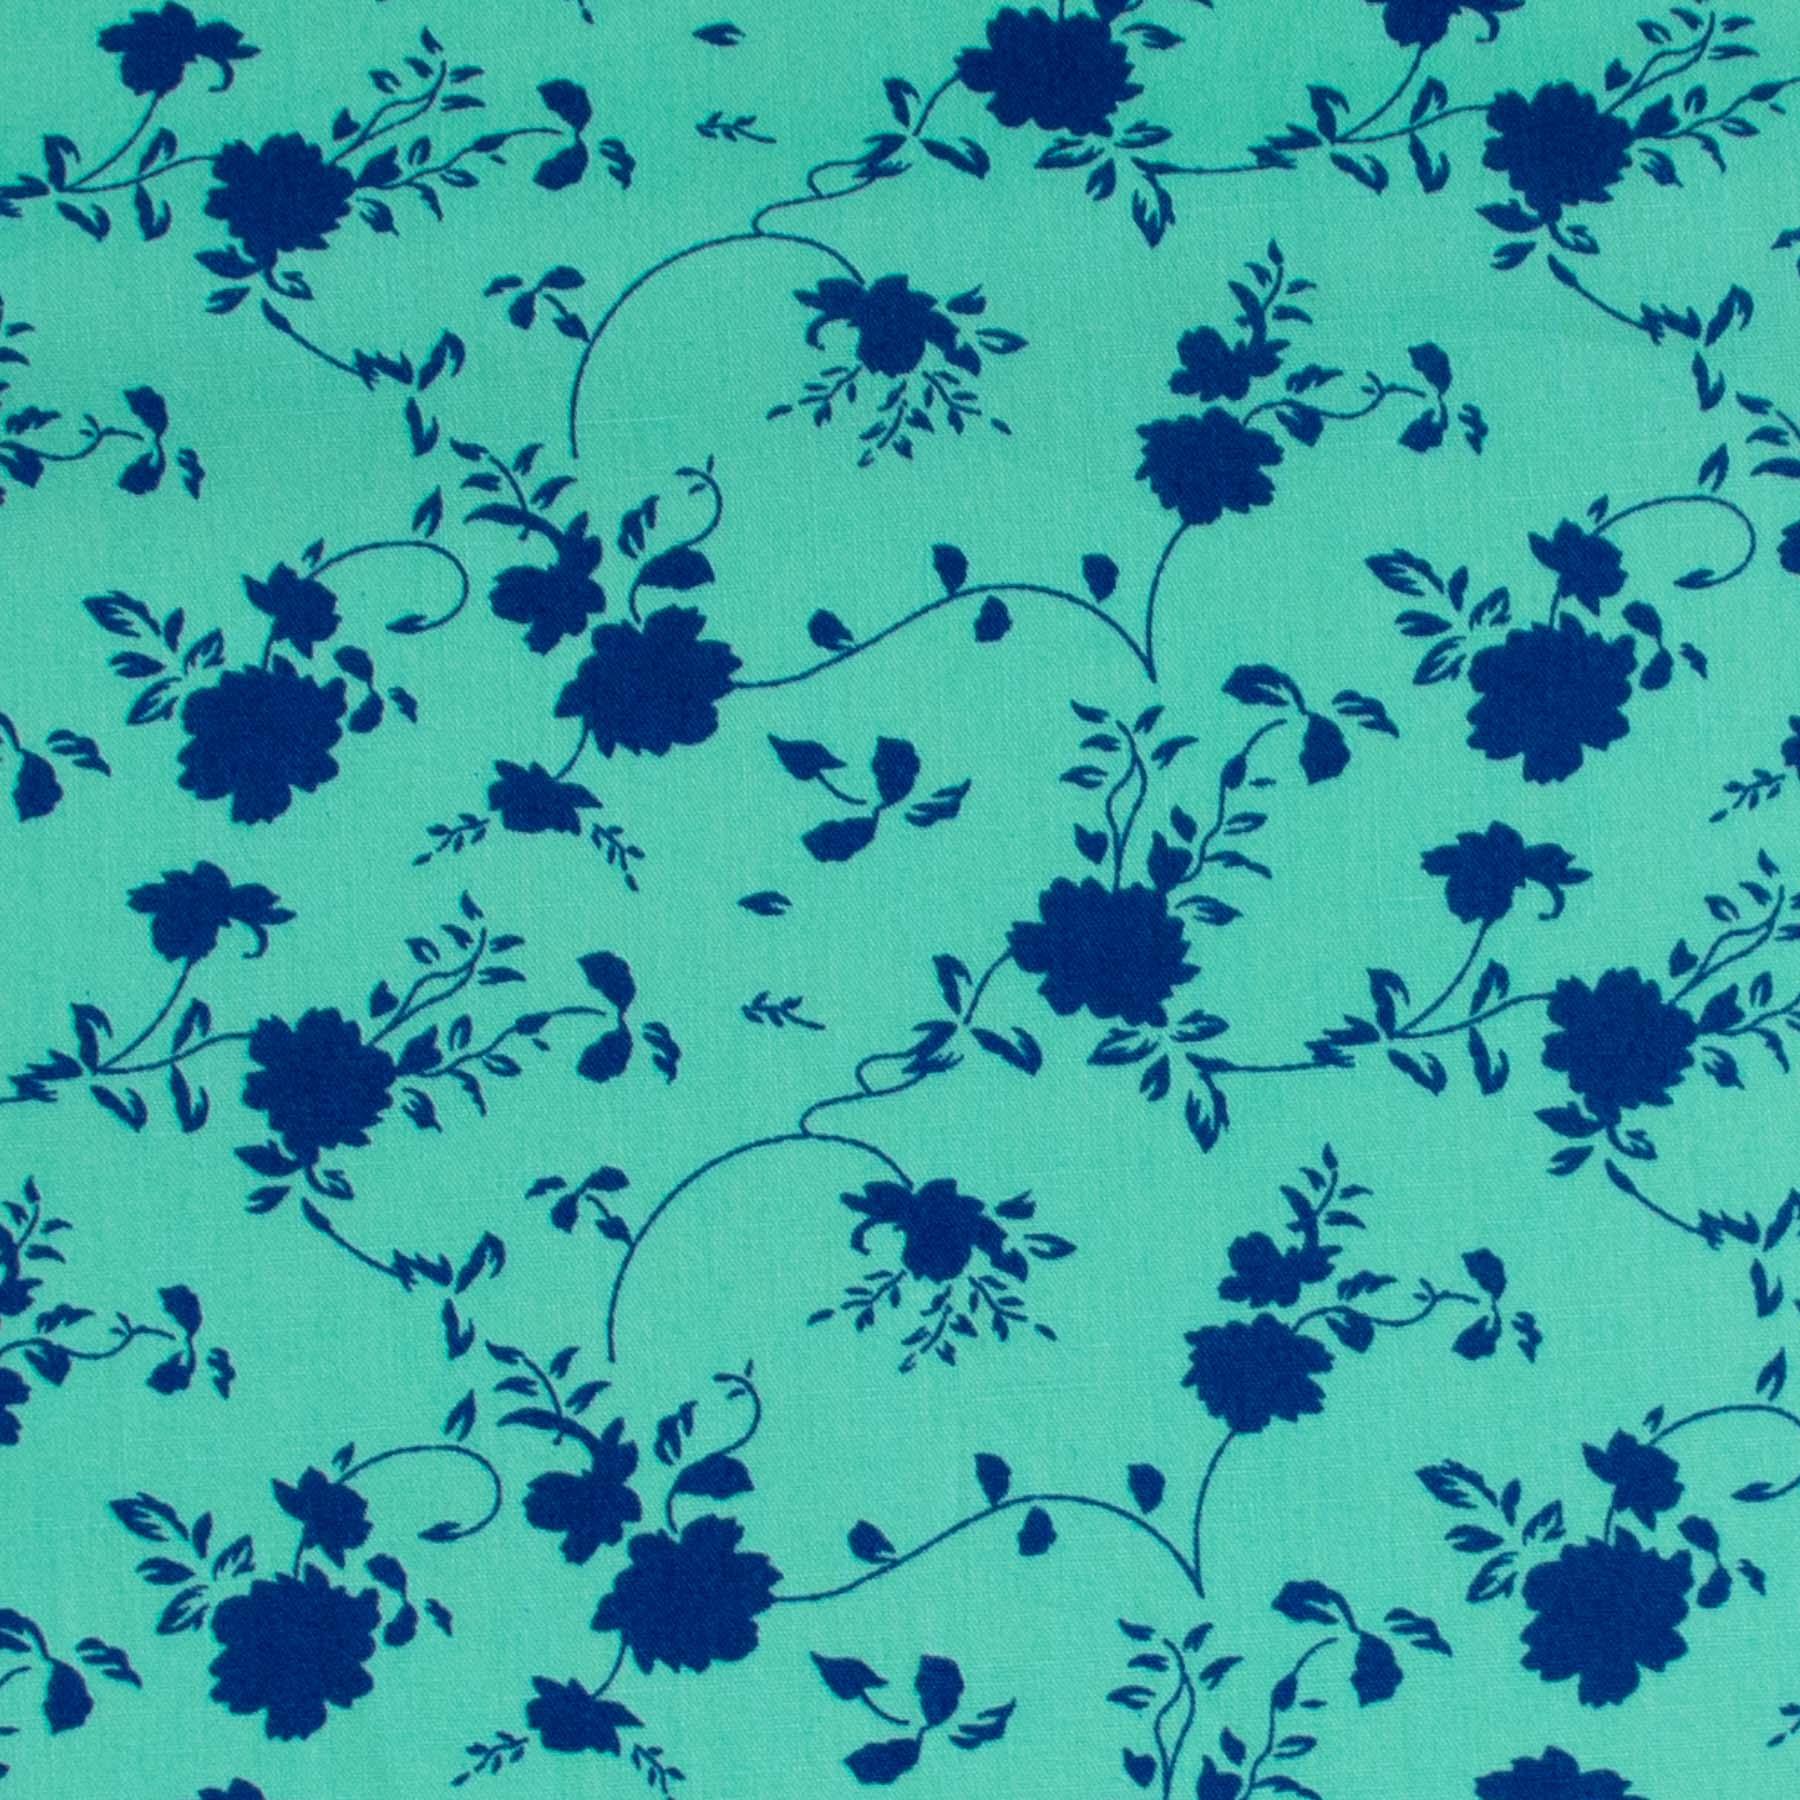 Tecido Tricoline estampado Floral azul com fundo turquesa